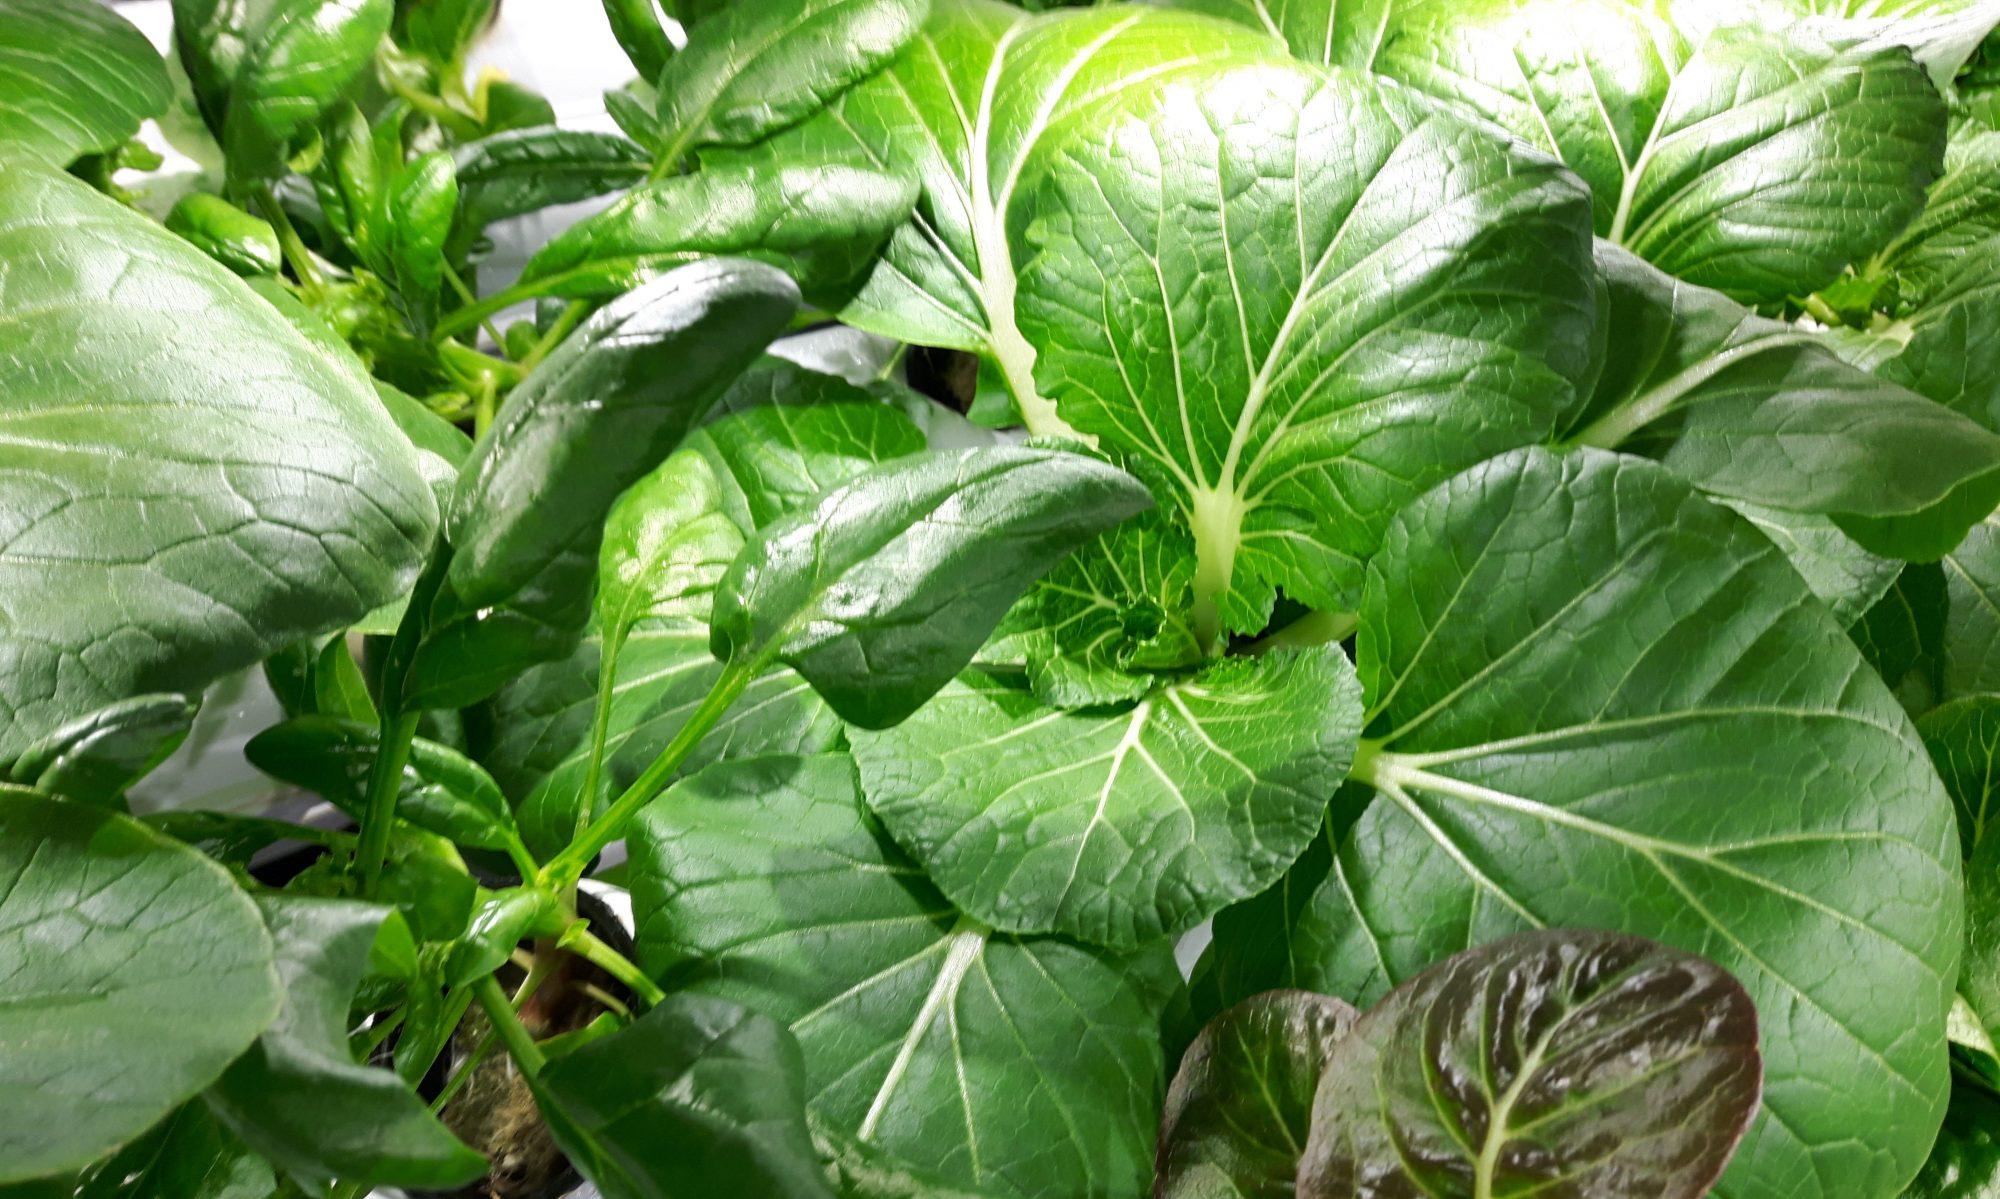 Agroperforme